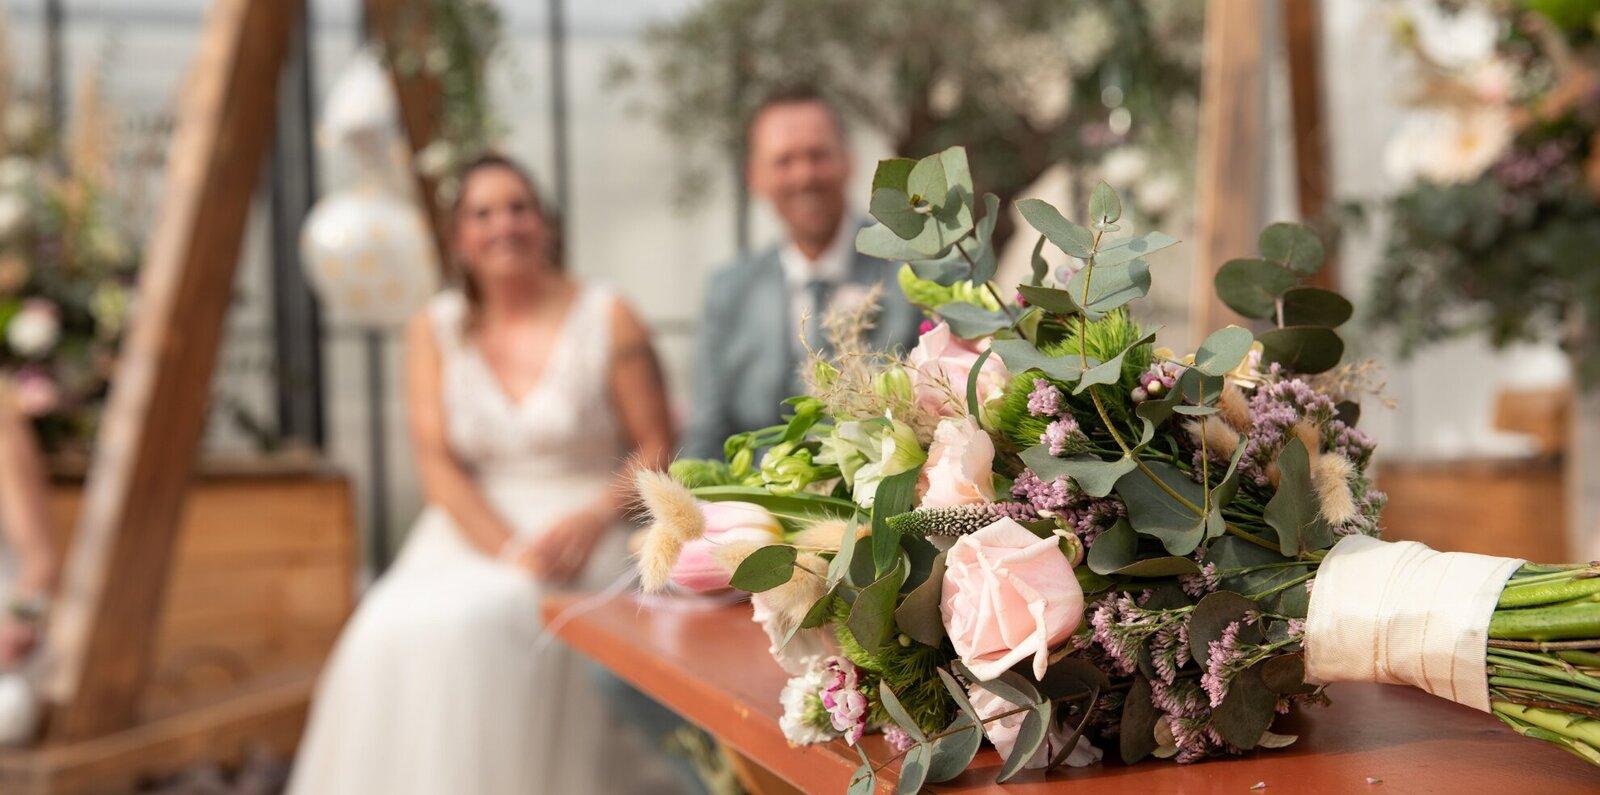 Willen jullie trouwen in een kas? Zo'n botanische bruiloft is enorm populair bij eco bewuste bruidsparen.